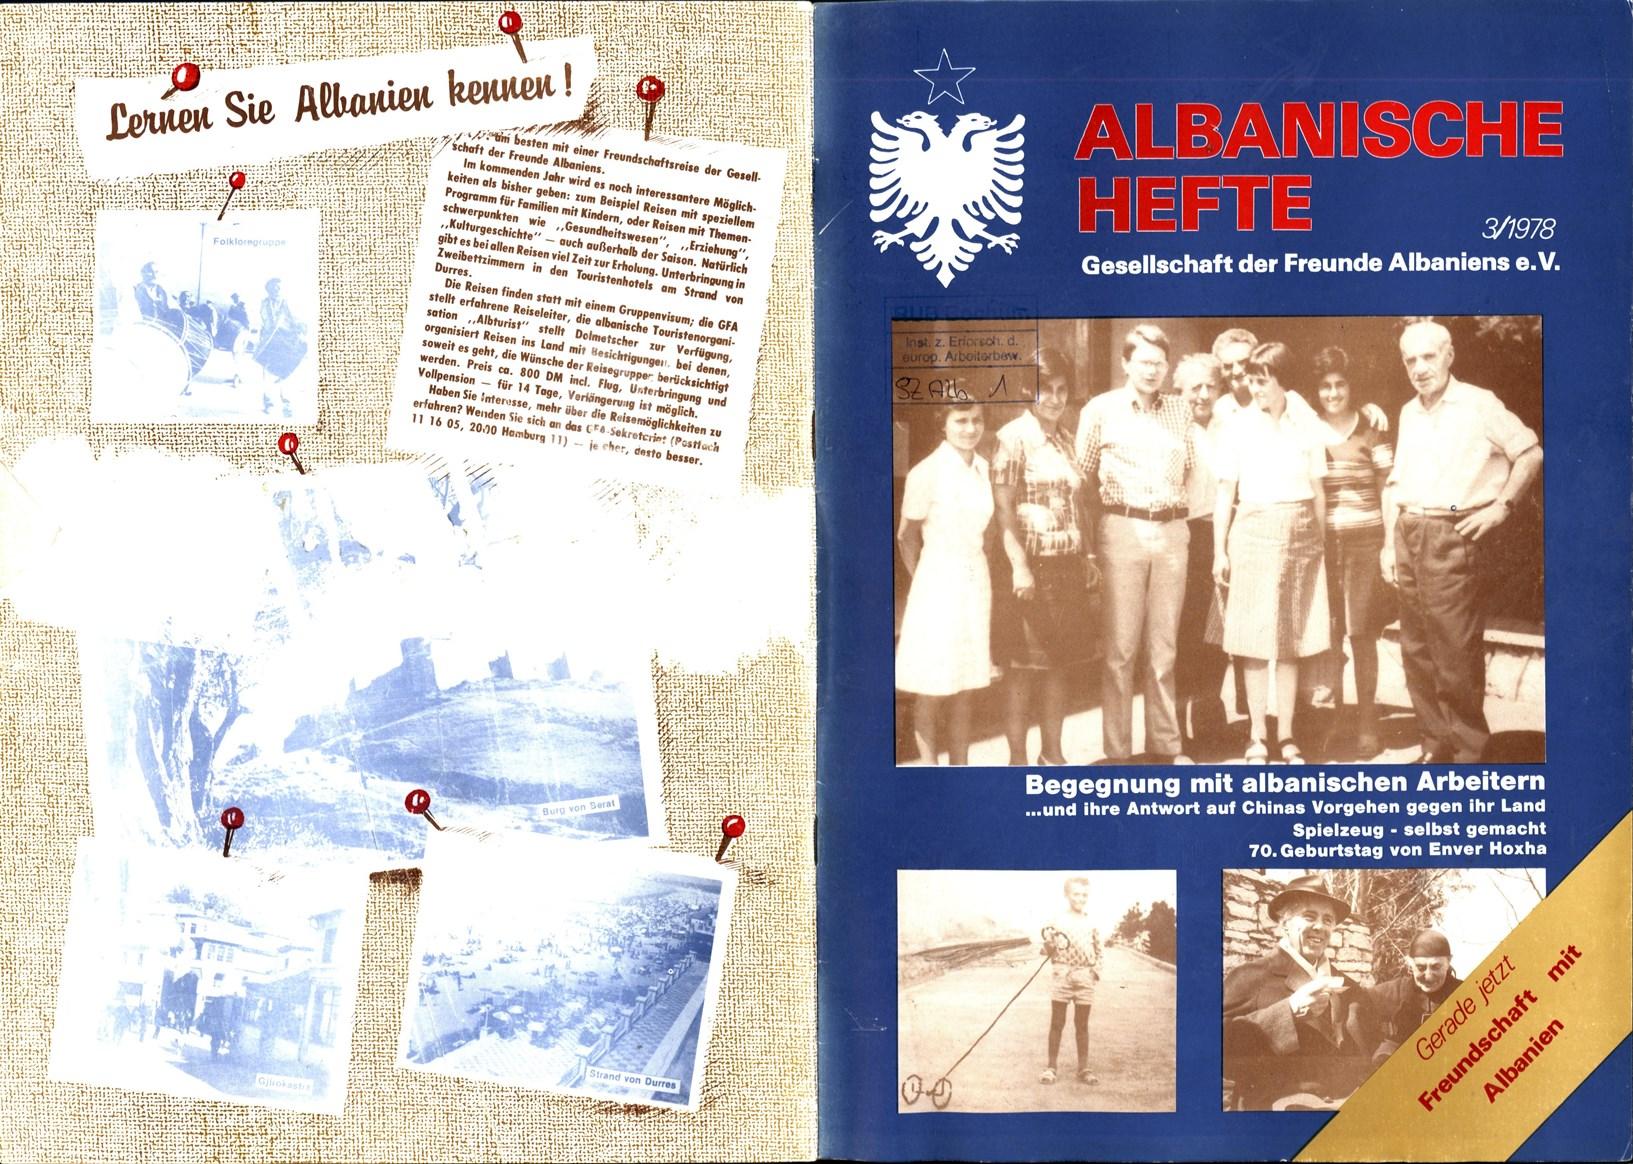 GFA_Albanische_Hefte_1978_03_01